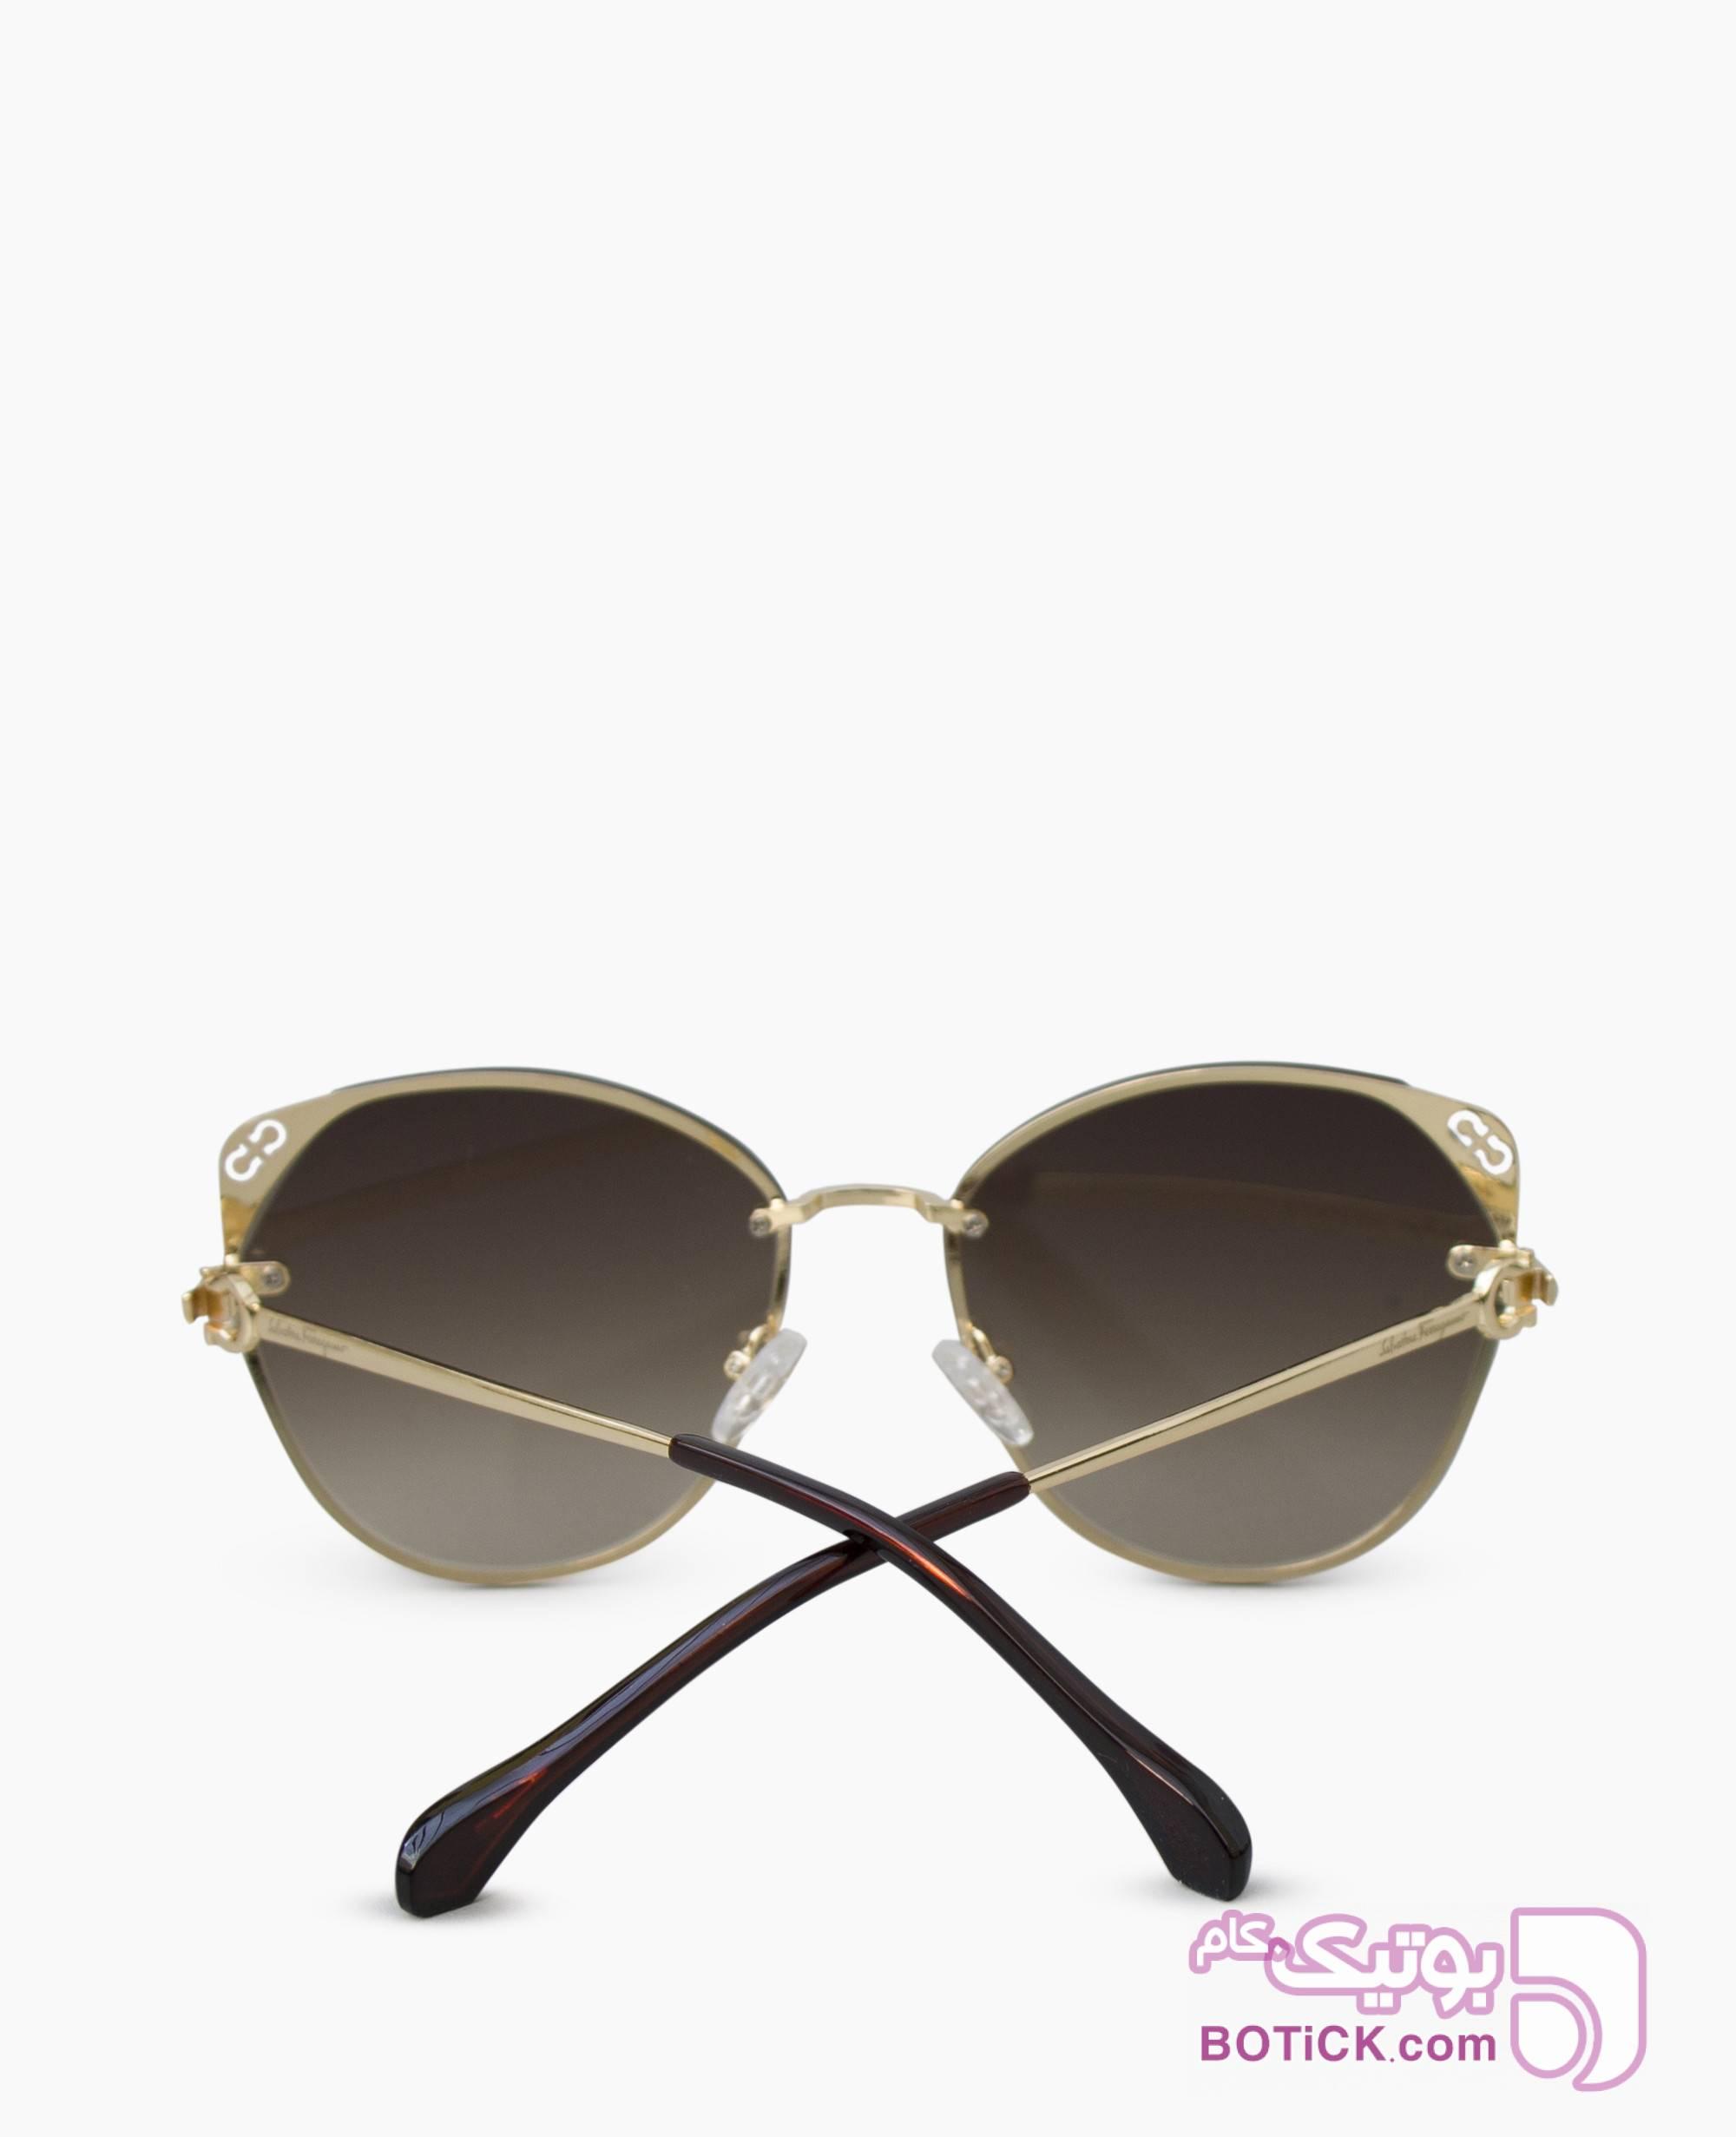 عینک آفتابی SALVATORE FERRAGAMO کد 8120 طلایی عینک آفتابی